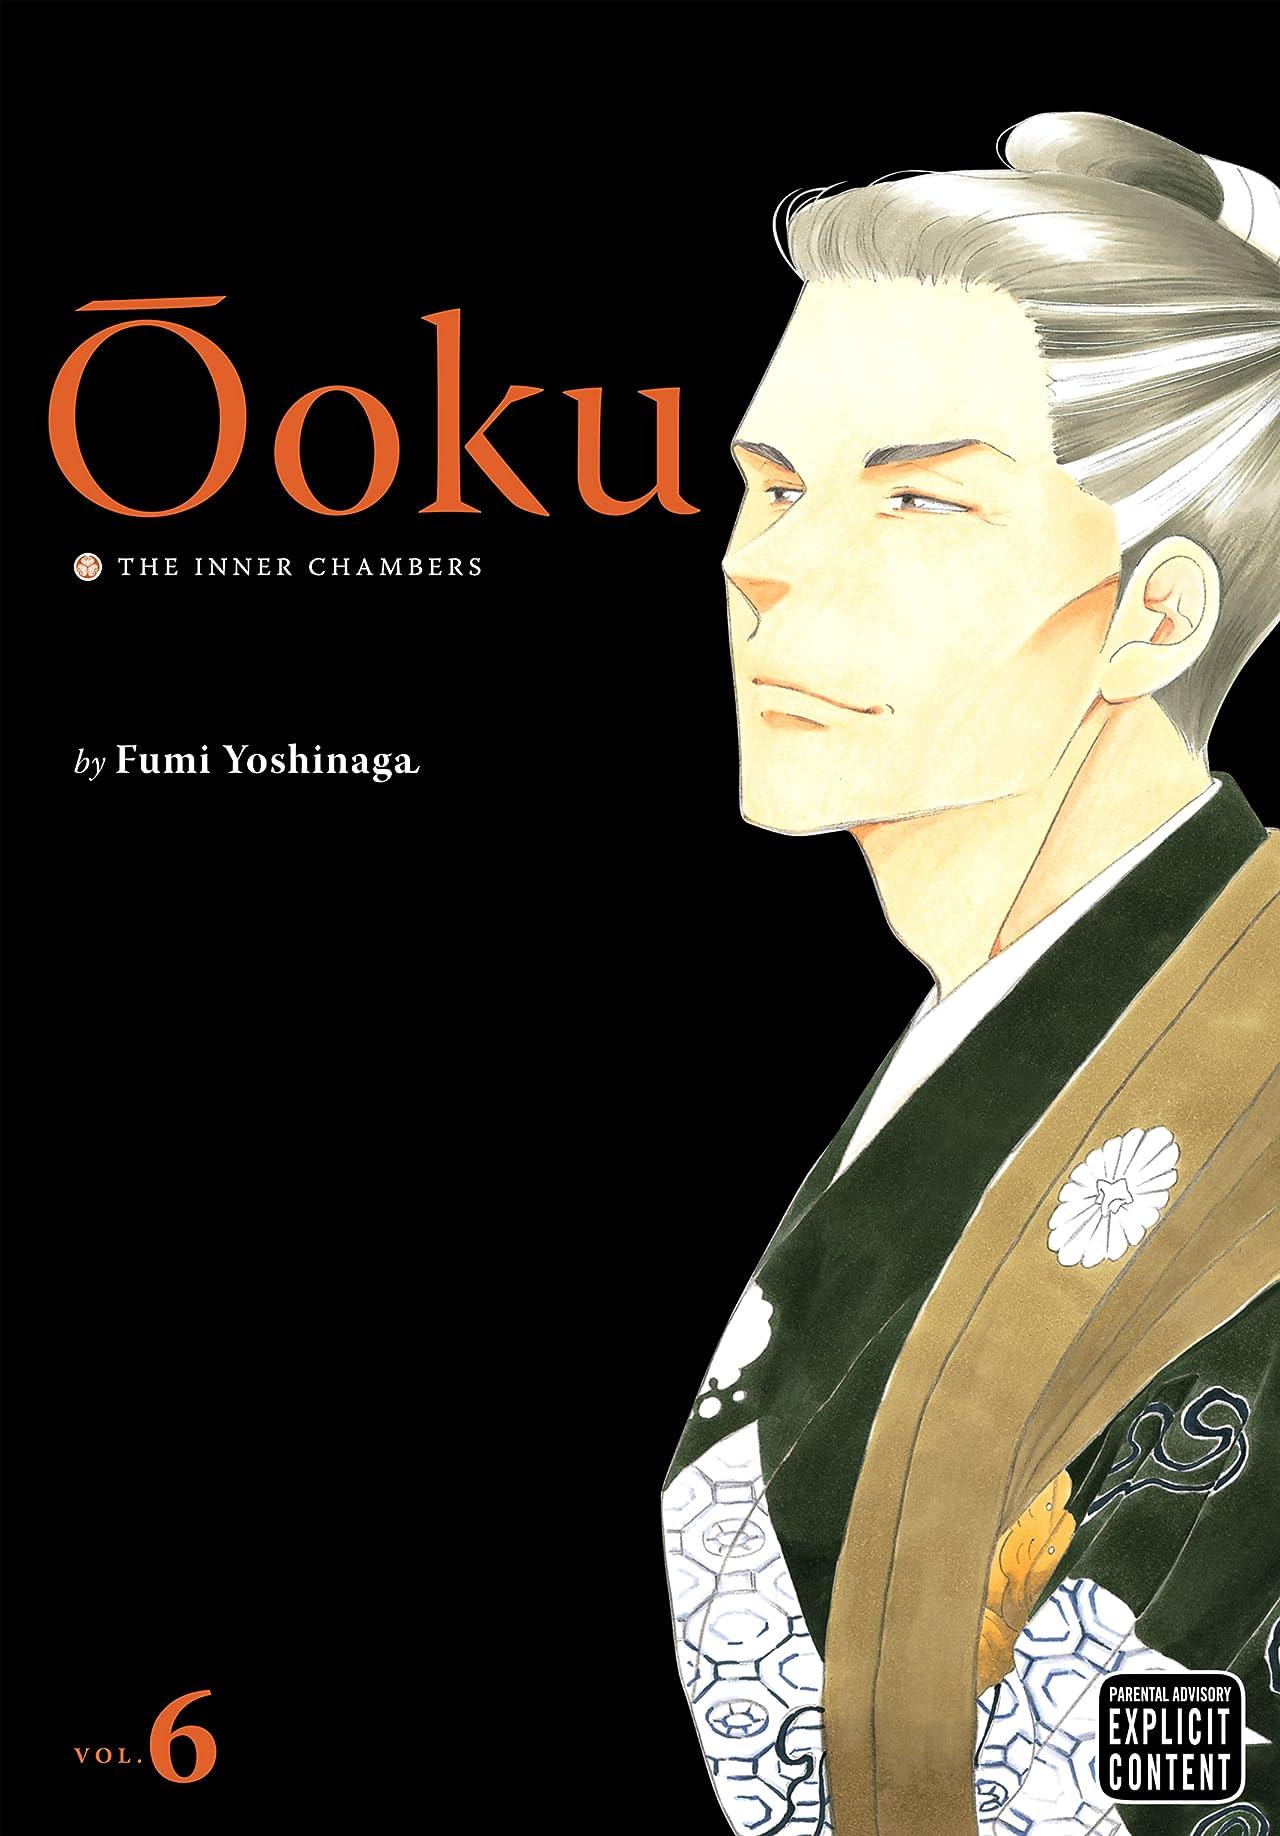 Ôoku: The Inner Chambers Vol. 6